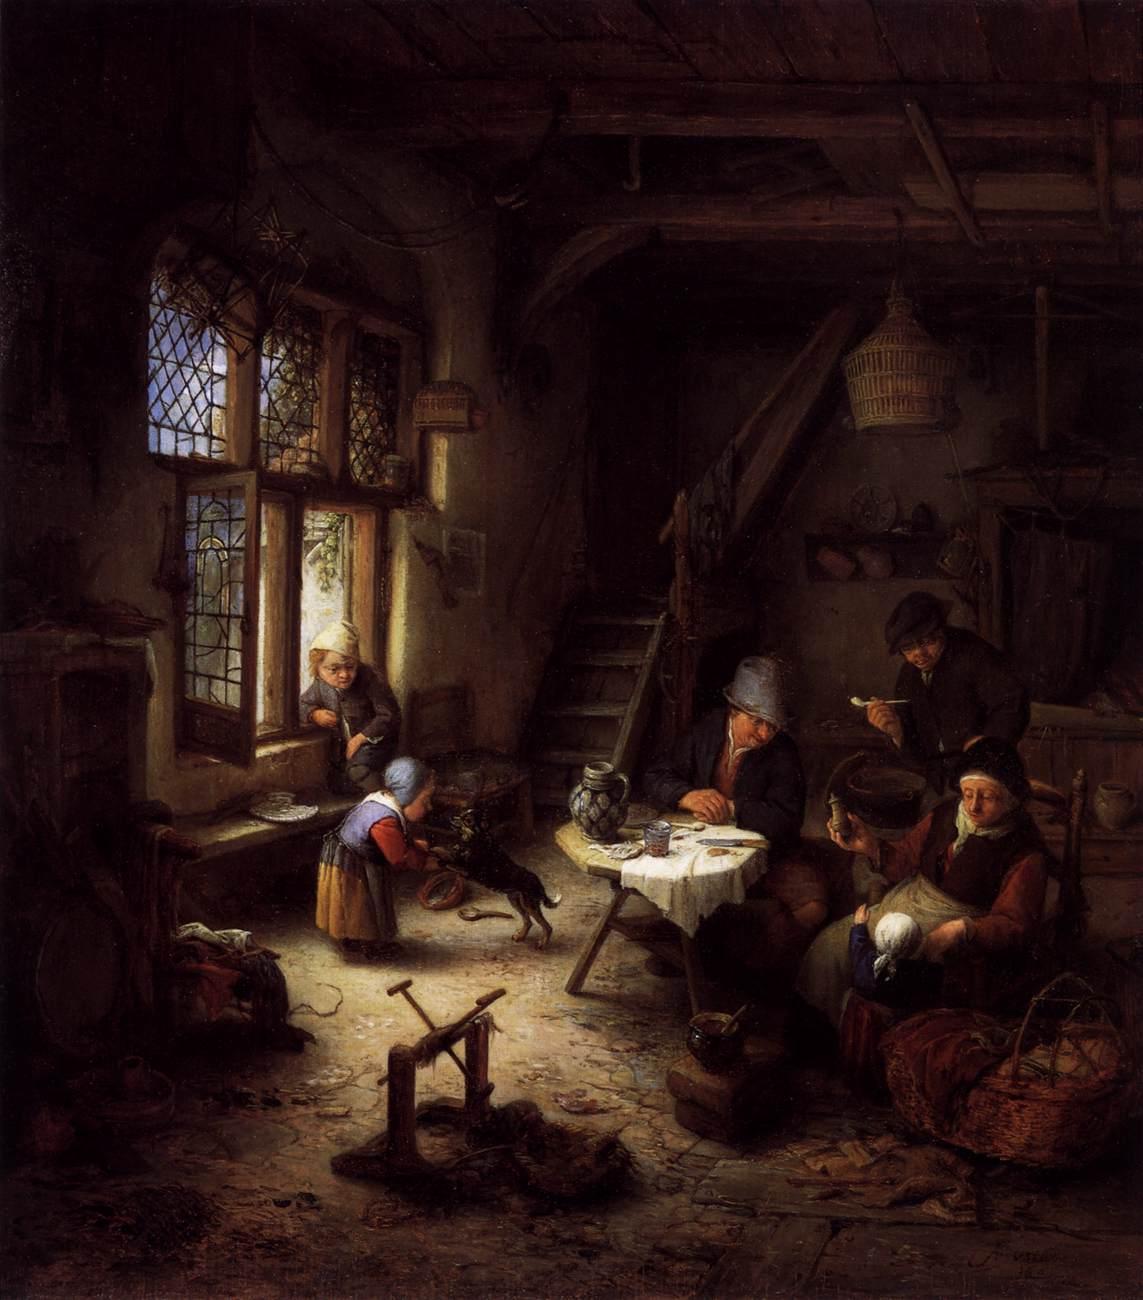 Peasant Family in a Cottage Interior - Adriaen van Ostade